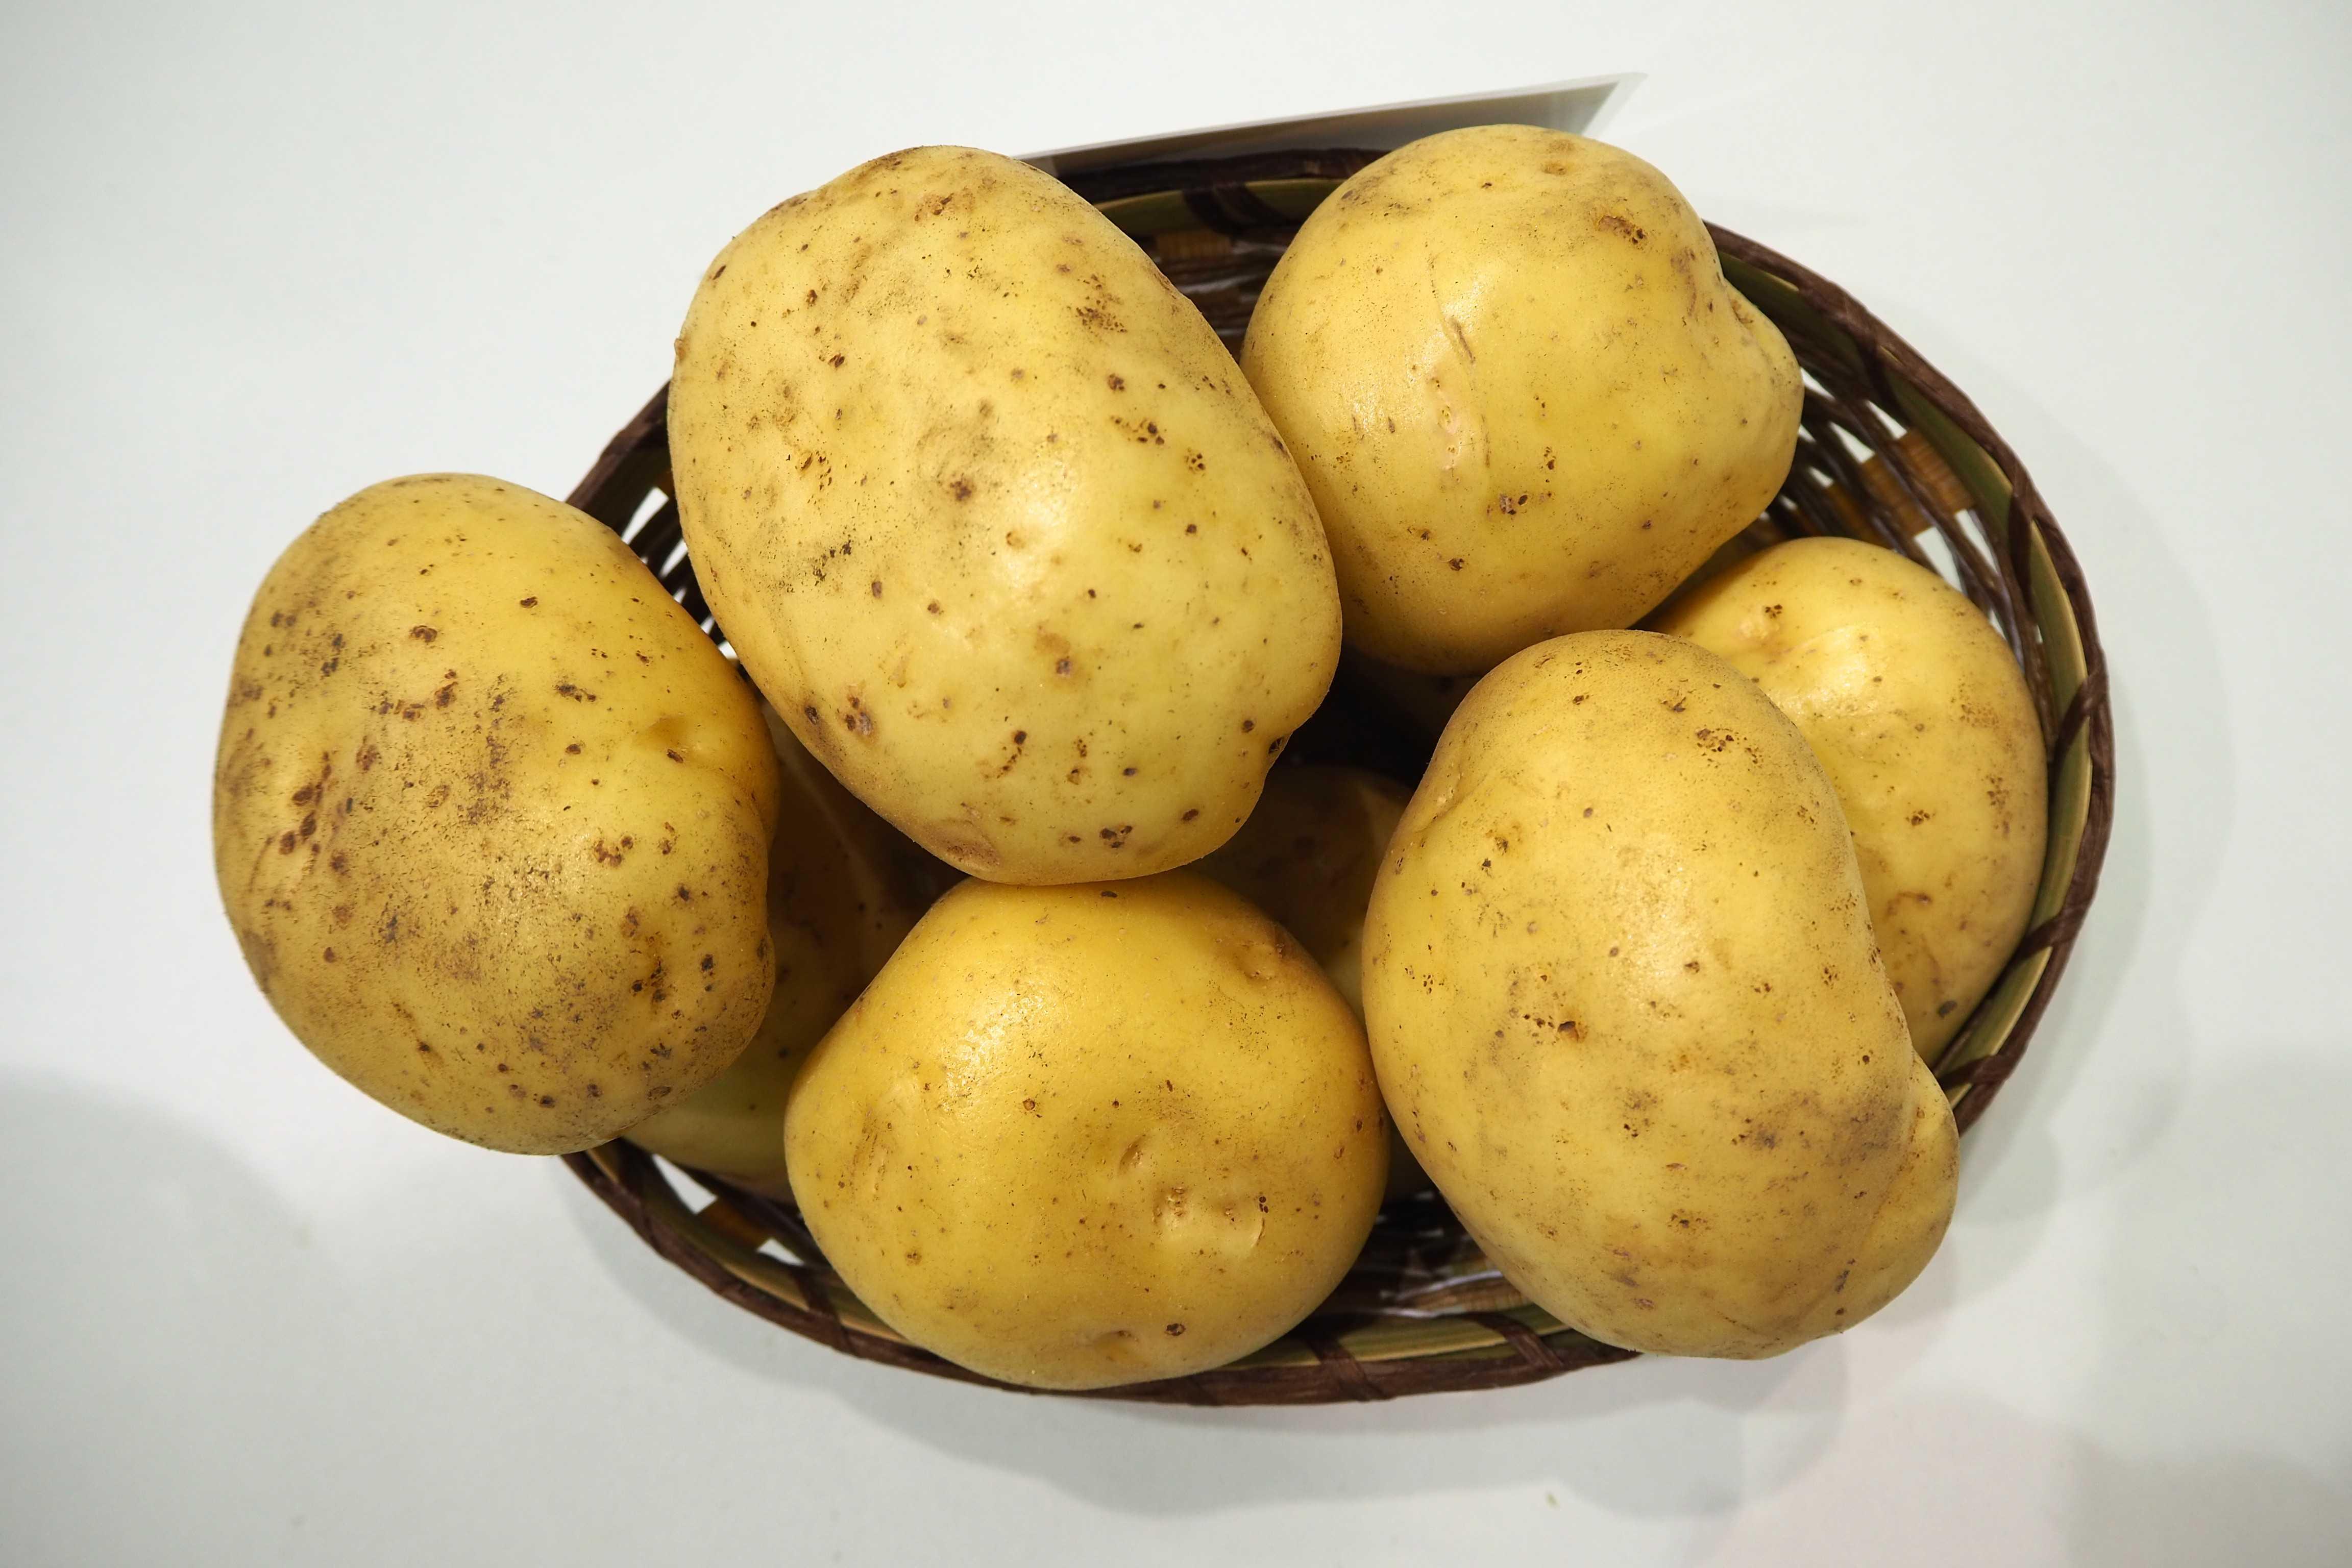 такое картофель крона описание сорта фото отзывы ассортименте